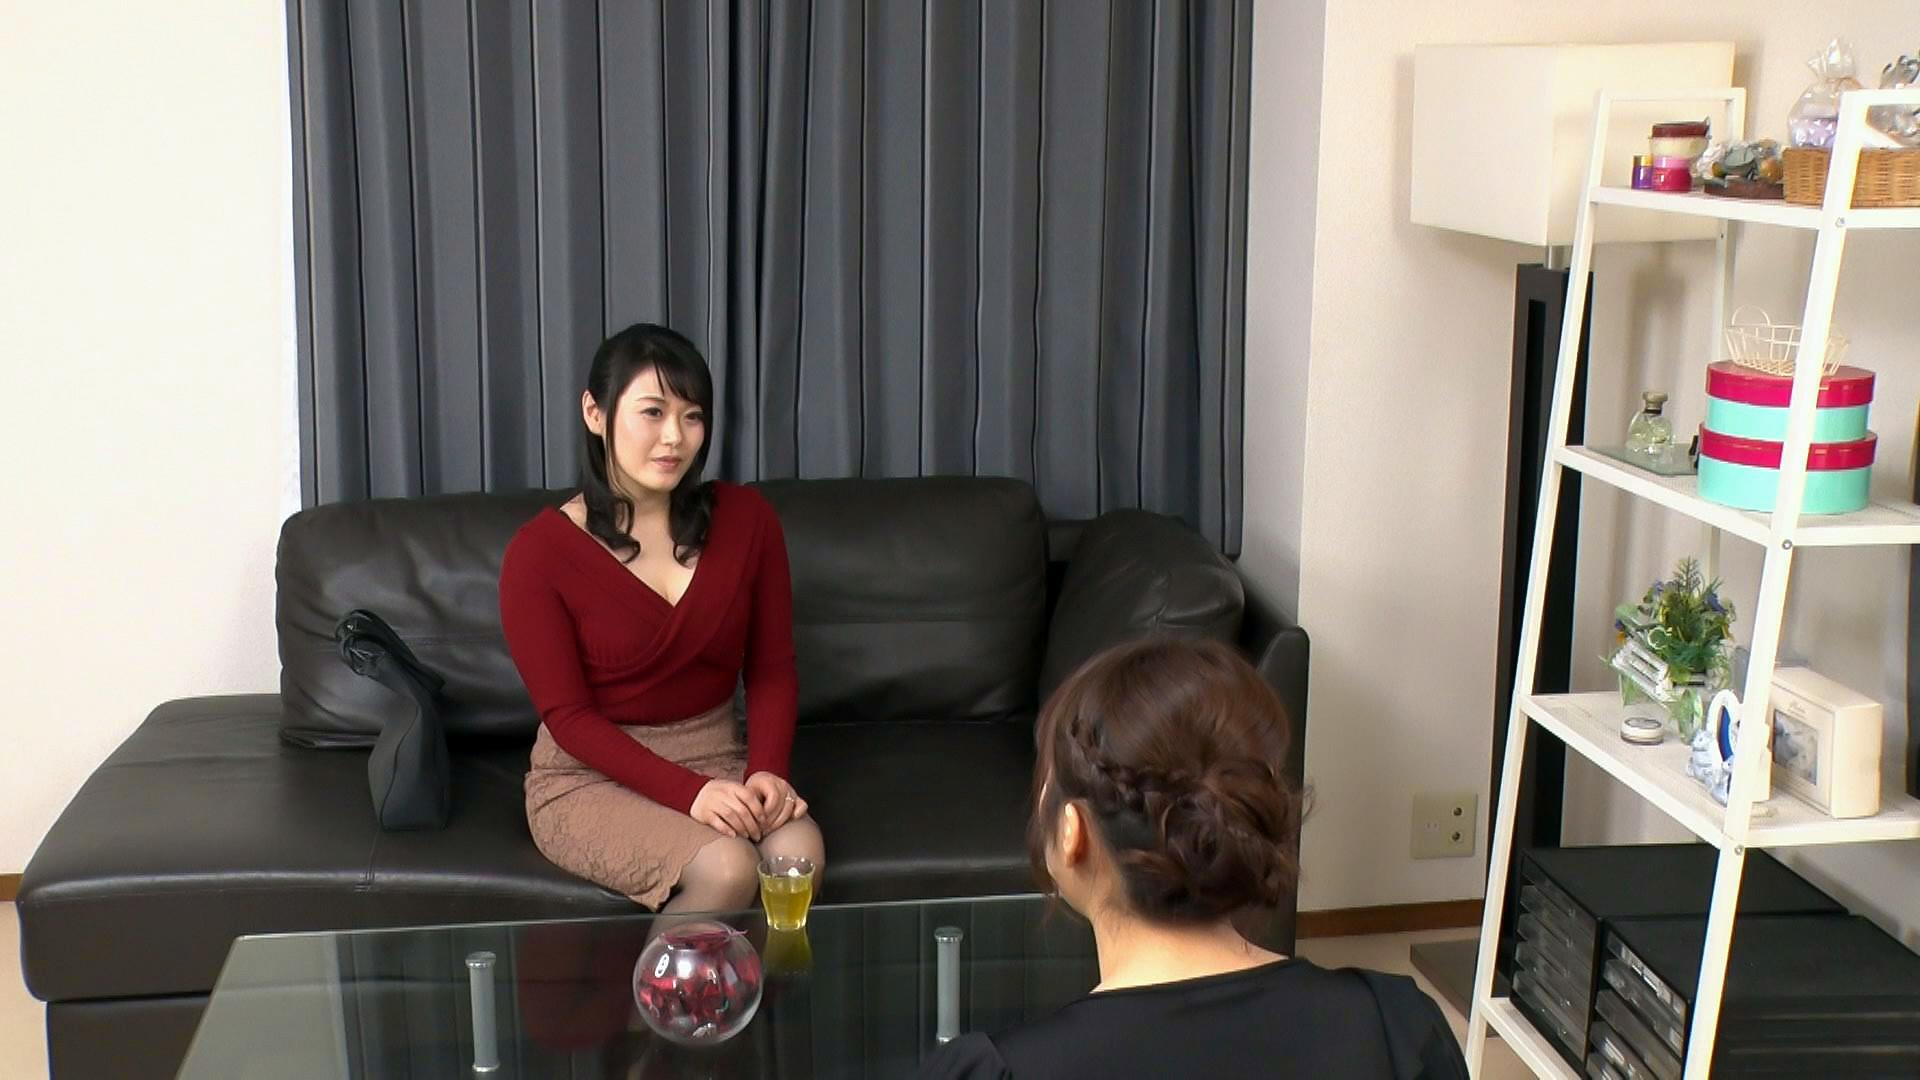 中島様 妖艶熟女妻